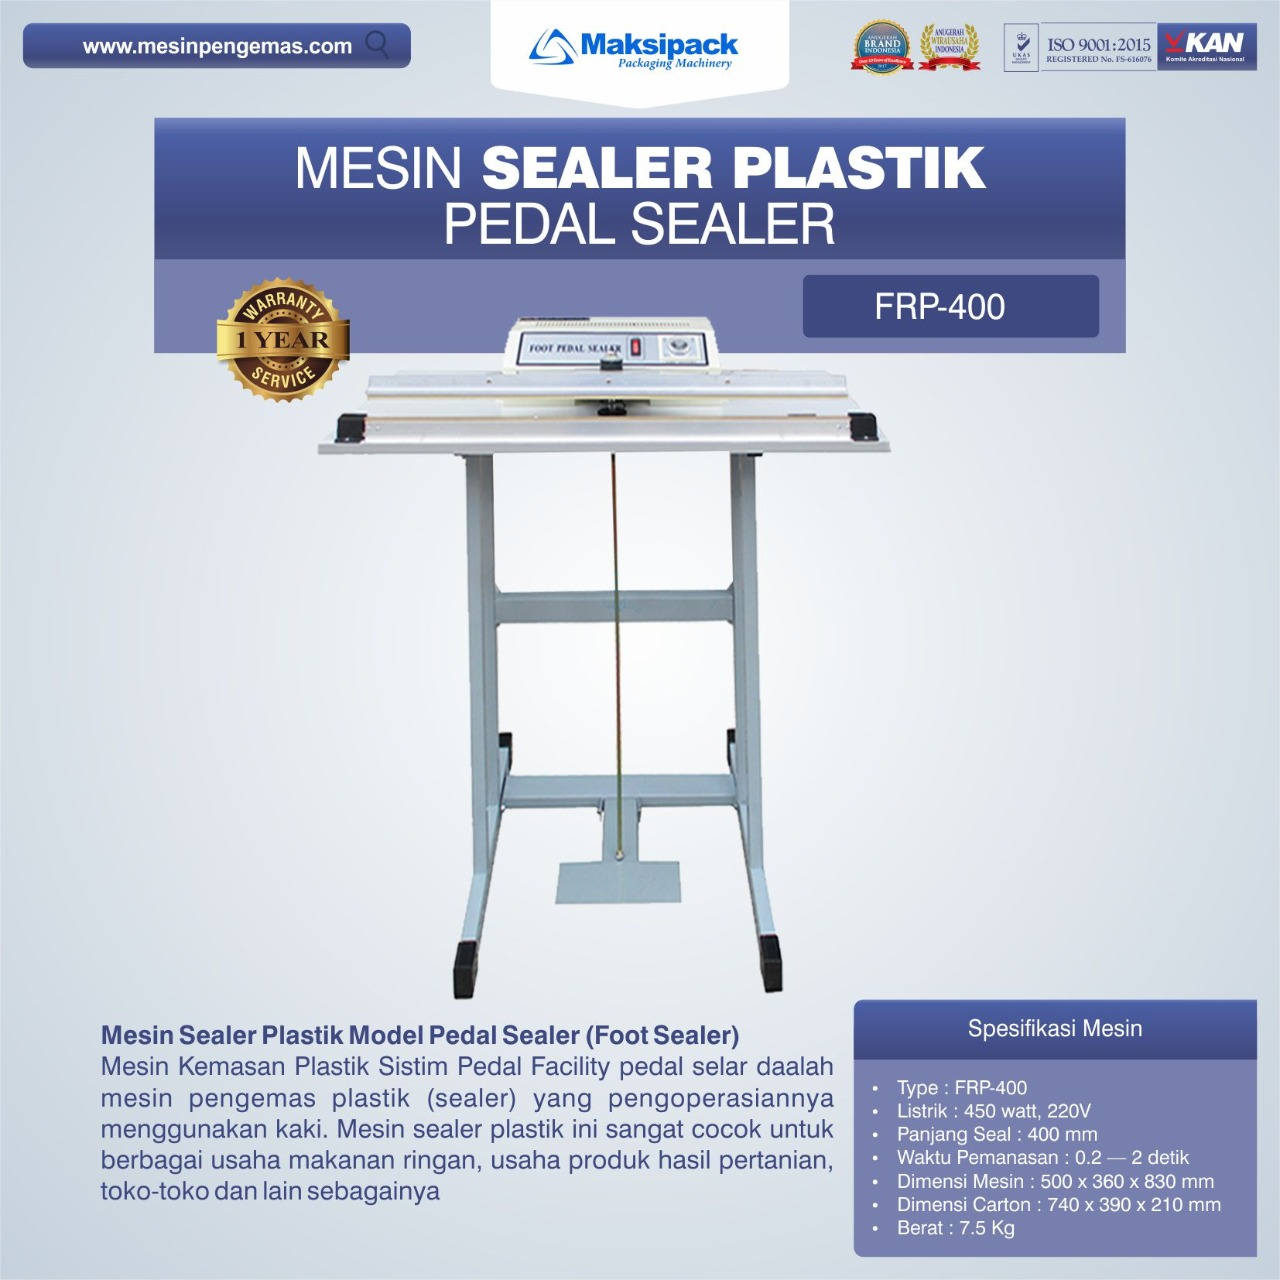 Jual Mesin Sealer Plastik Pedal Sealer FRP-400 di Blitar